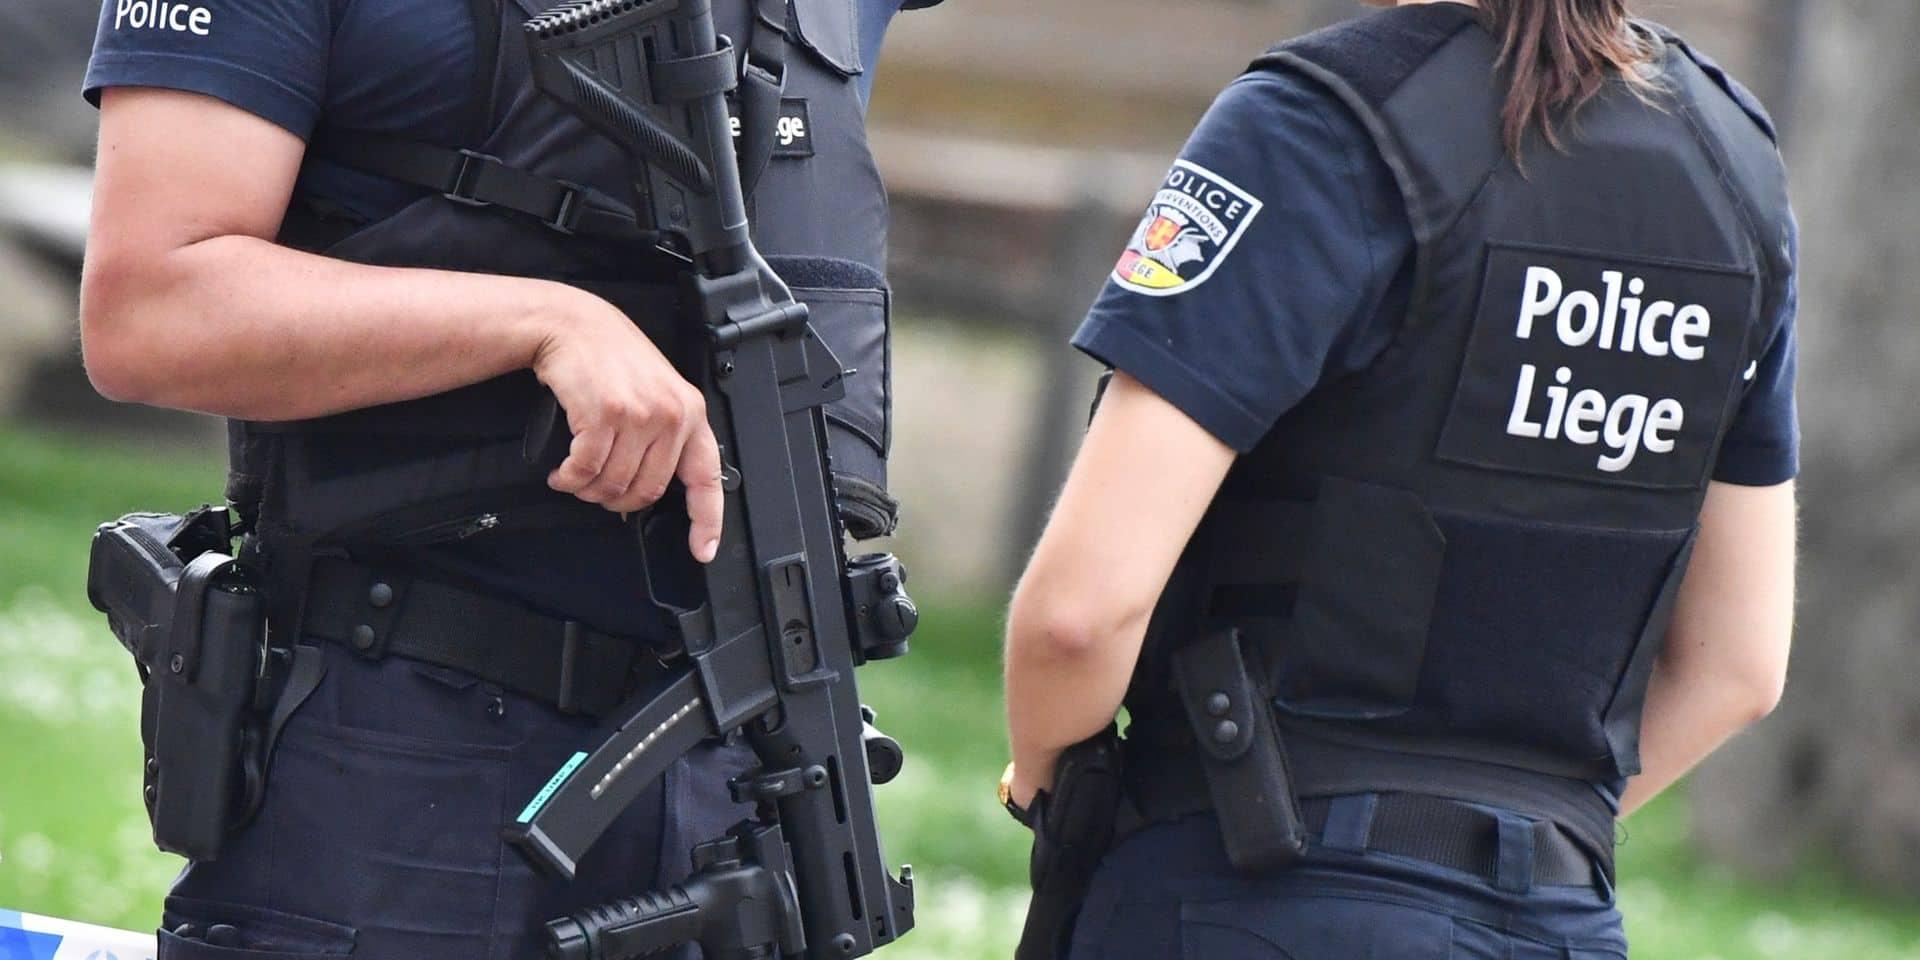 Un homme sort en rue avec une arme et menace ses voisins à Saive